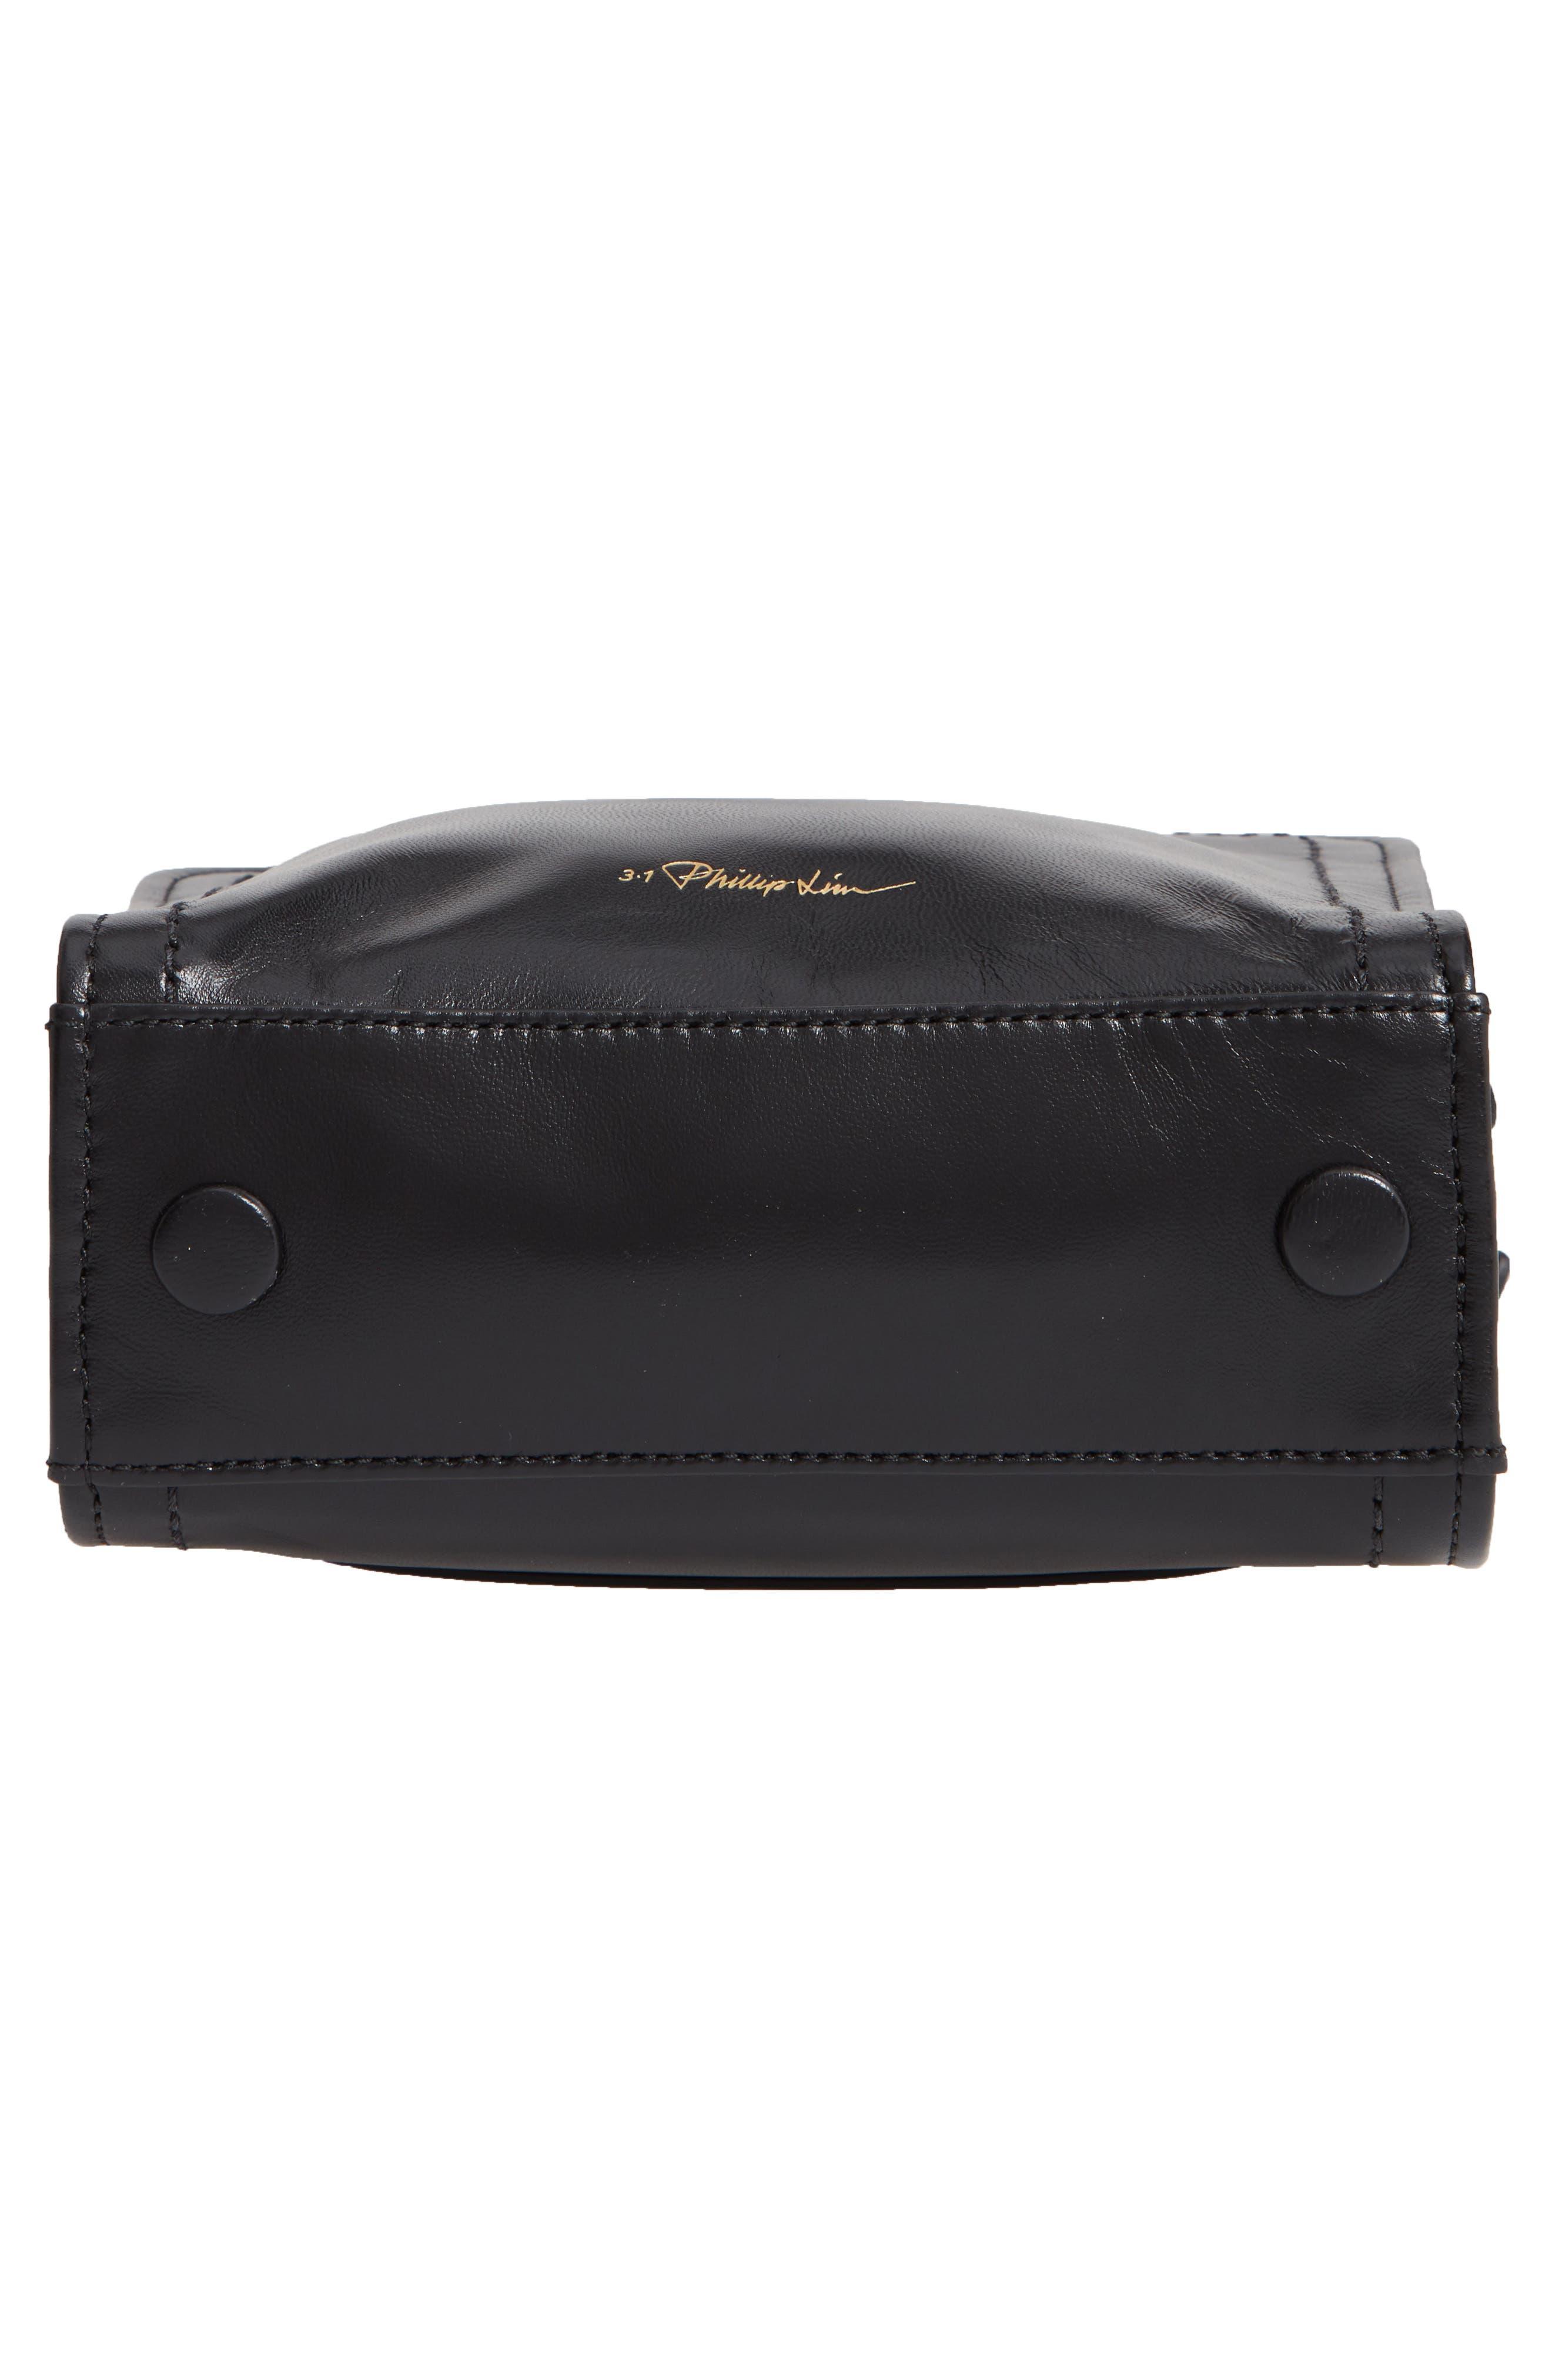 Hudson Mini Square Leather Crossbody Bag,                             Alternate thumbnail 6, color,                             001